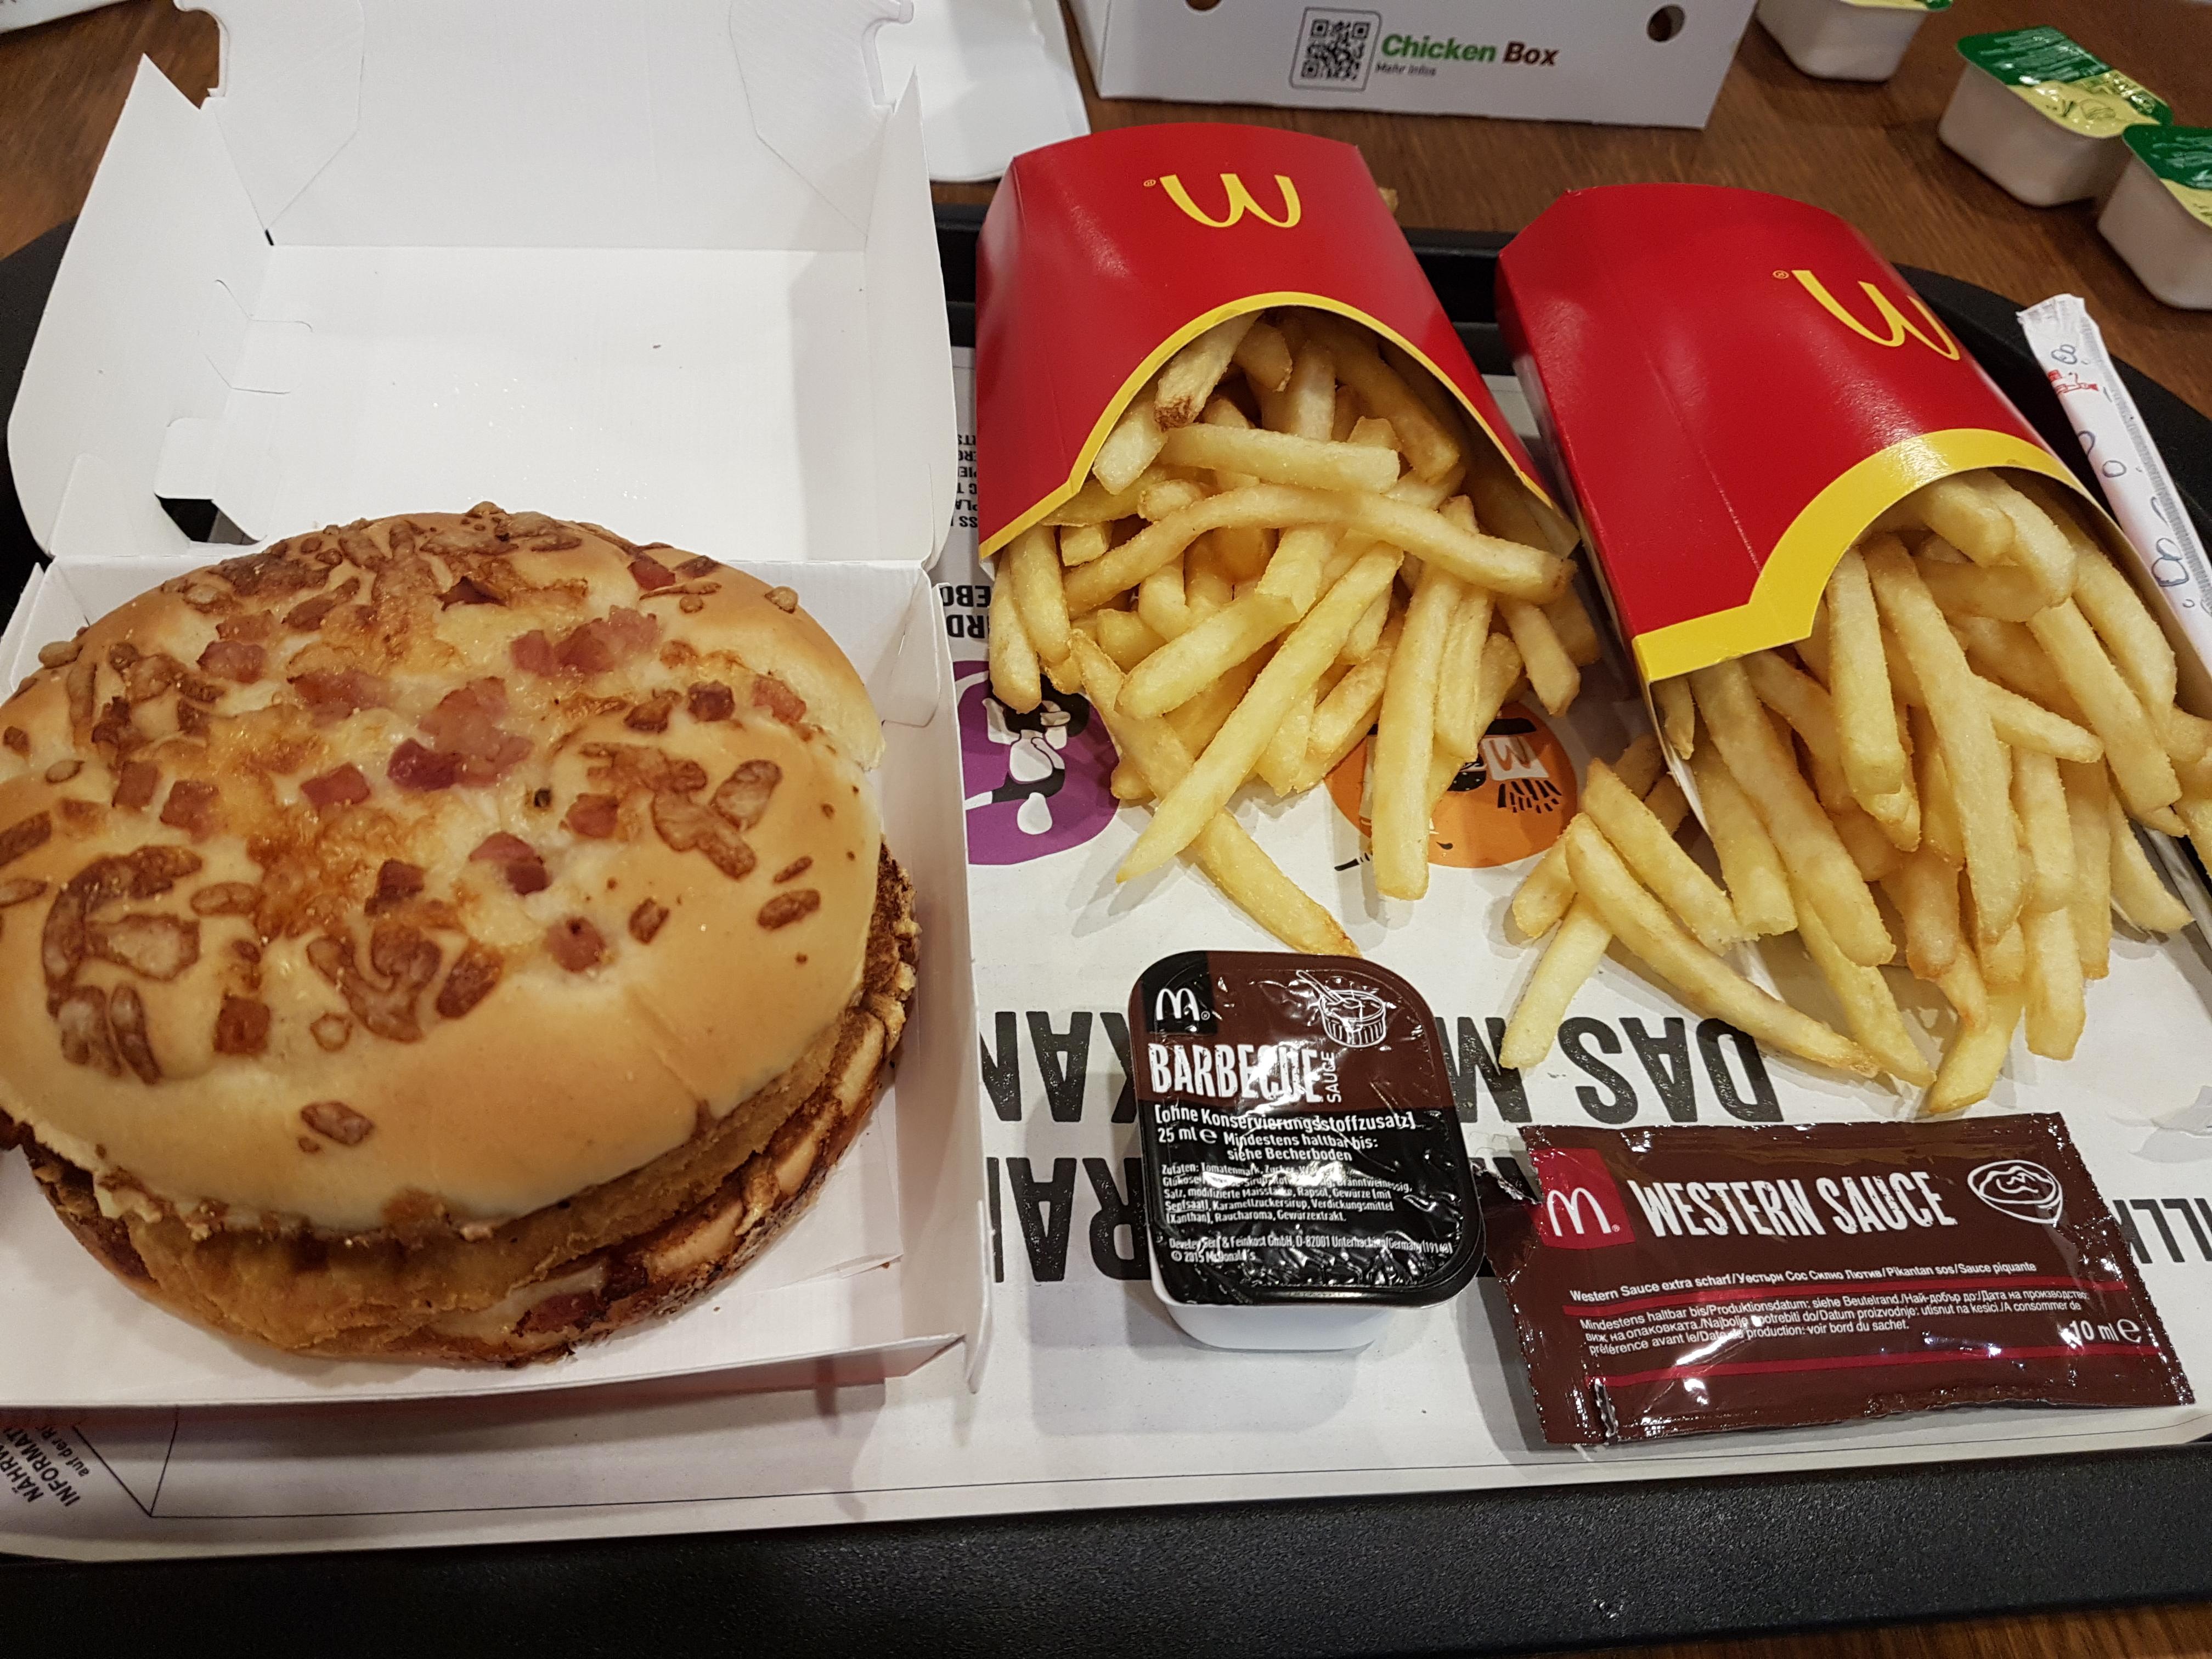 http://foodloader.net/Holz_2018-01-29_Big_Roesti_Chicken.jpg